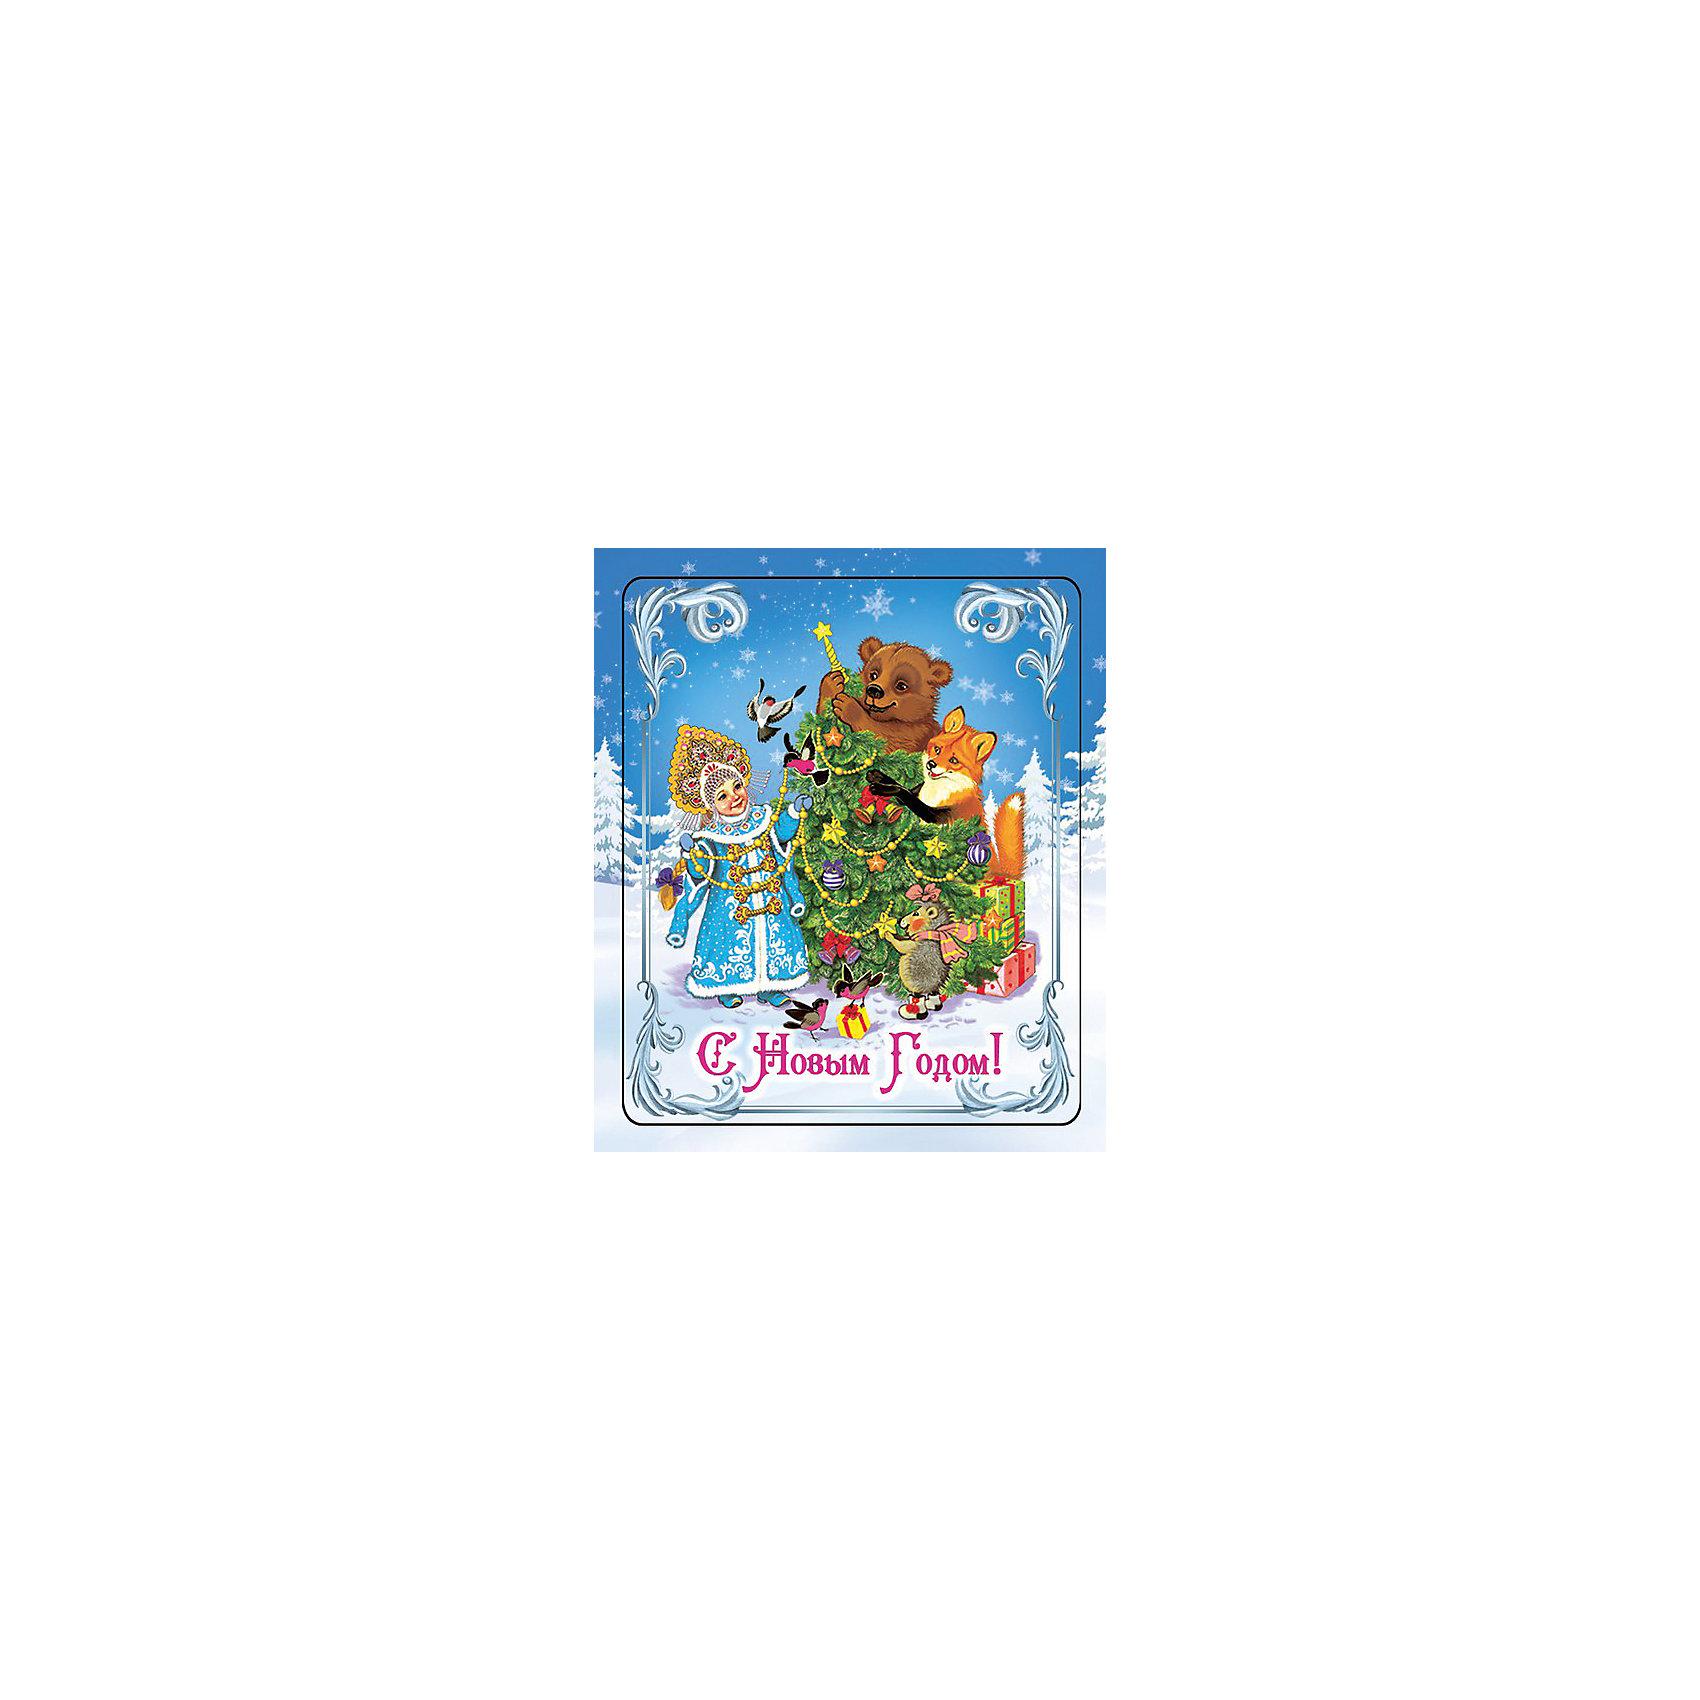 Магнит Снегурочка и зверятаВсё для праздника<br>Яркий магнит с новогодней символикой - прекрасный вариант для праздничного сувенира. Магнит можно прикрепить на любую металлическую поверхность, он всегда будет радовать, напоминая о веселом и таком долгожданном для всех празднике! <br><br>Дополнительная информация:<br><br>- Материал: агломерированный феррит. <br>- Размер: 5х6 см.<br>- Яркий привлекательный дизайн. <br><br>Новогодний магнит Снегурочка и зверята можно купить в нашем магазине.<br><br>Ширина мм: 100<br>Глубина мм: 100<br>Высота мм: 10<br>Вес г: 260<br>Возраст от месяцев: 36<br>Возраст до месяцев: 2147483647<br>Пол: Унисекс<br>Возраст: Детский<br>SKU: 4981323